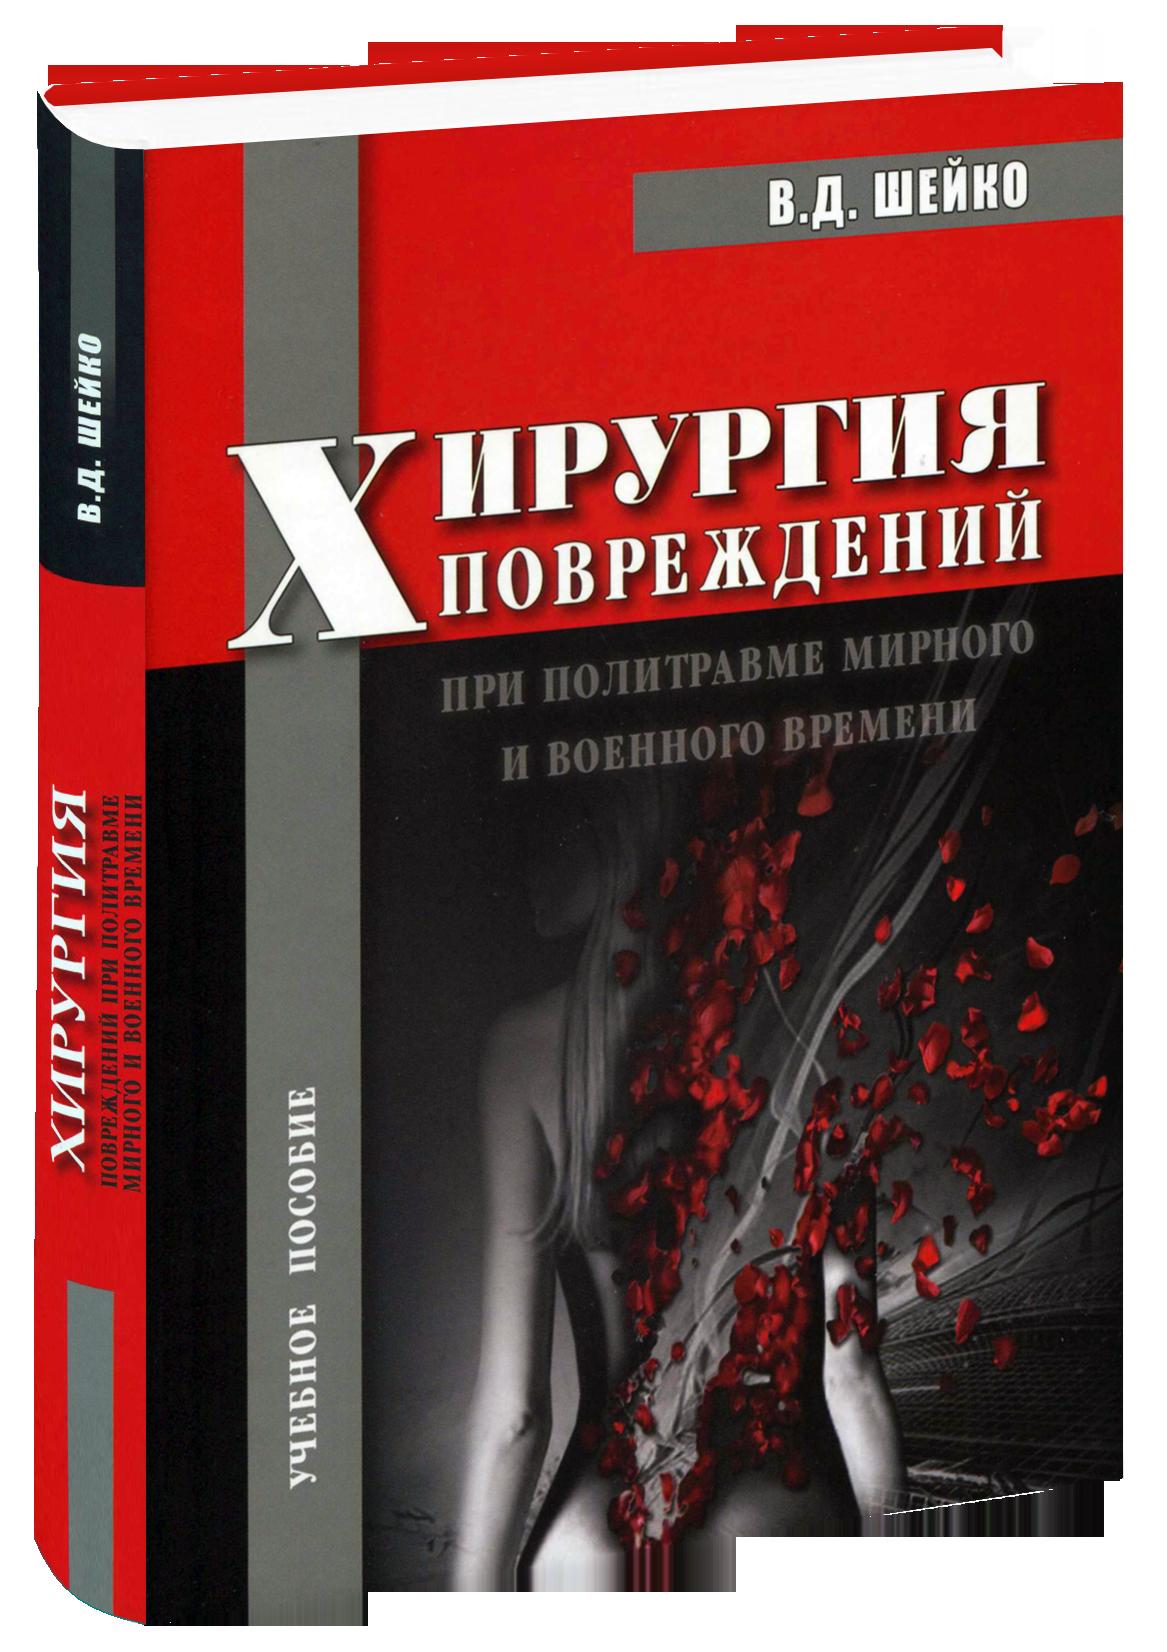 Хирургия повреждений при политравме мирного и военного времени.